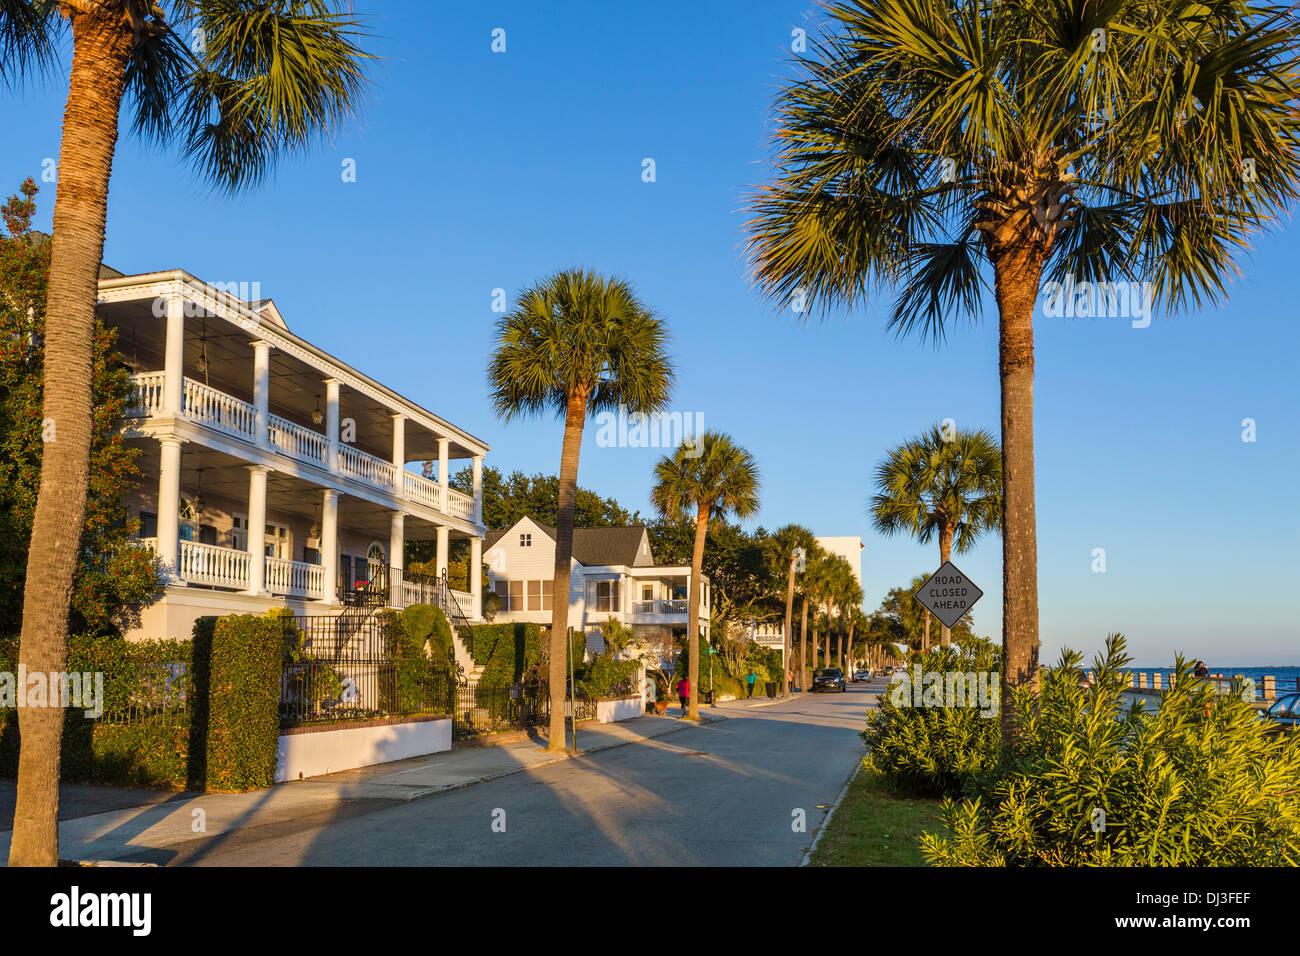 Les maisons historiques le long du front de mer sur Murray Boulevard, éclairé par le soleil couchant, Charleston, Caroline du Sud, USA Photo Stock